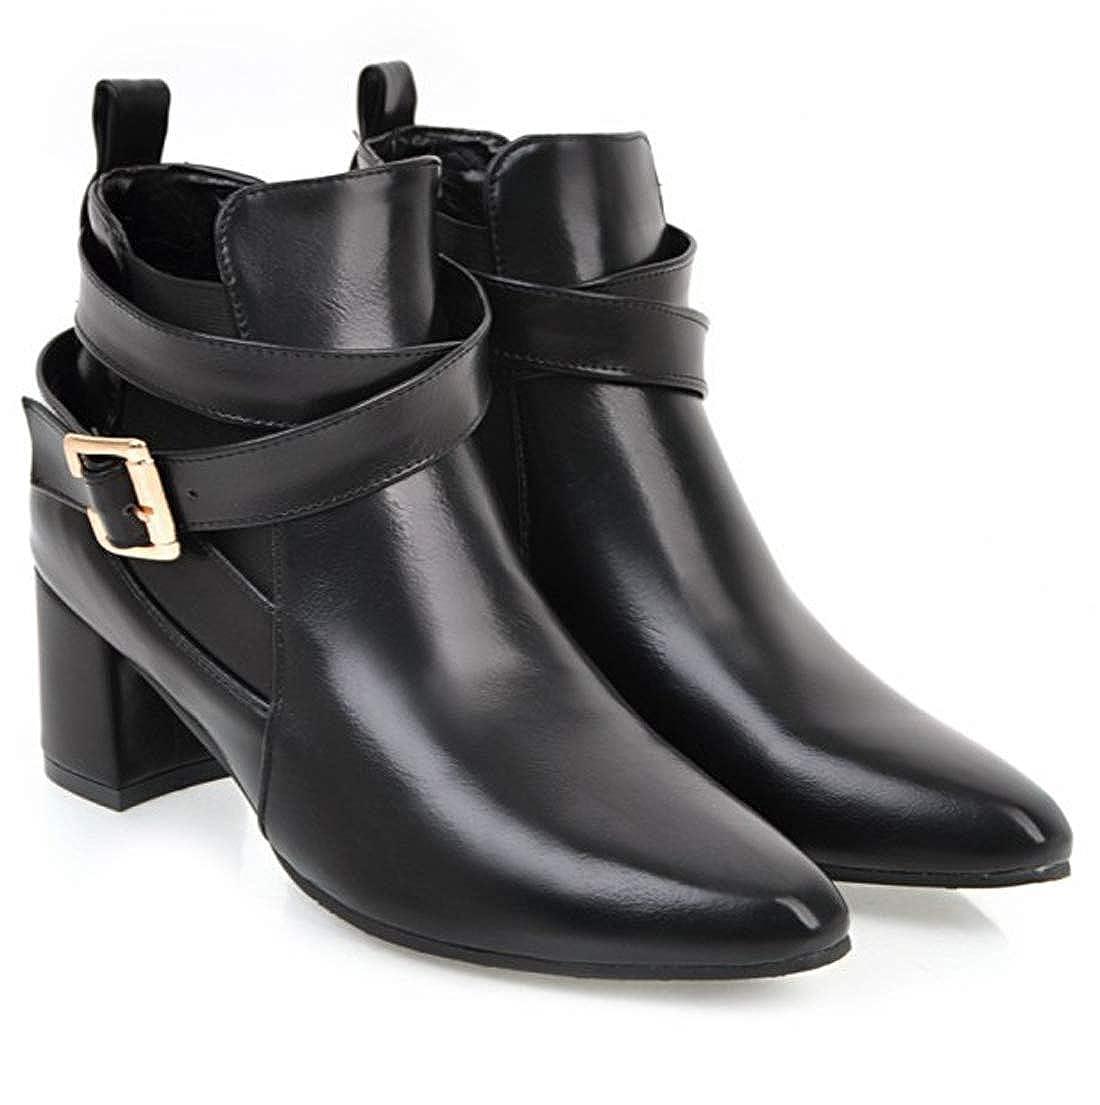 SERAPH Schuhe Schnalle Damen Spitzschuh Schnalle Schuhe Blockabsatz Martin Stiefeletten C-52 schwarz a8ae20